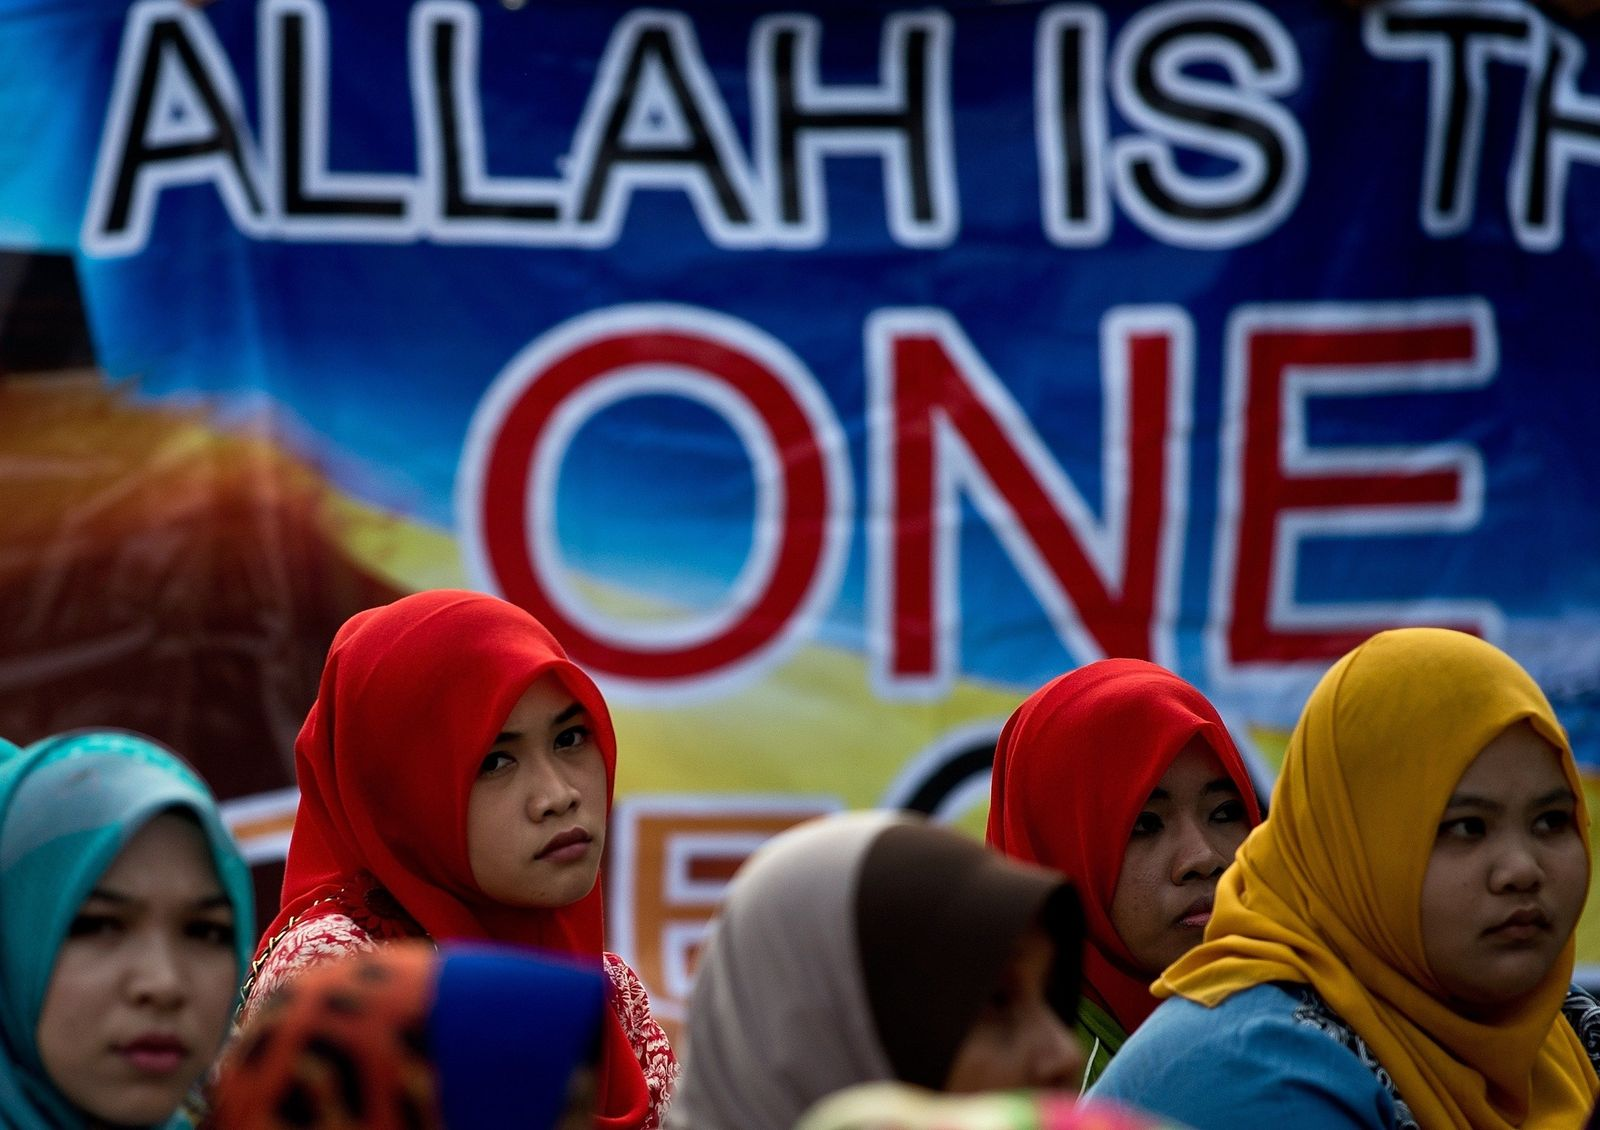 Malaysia/Allah